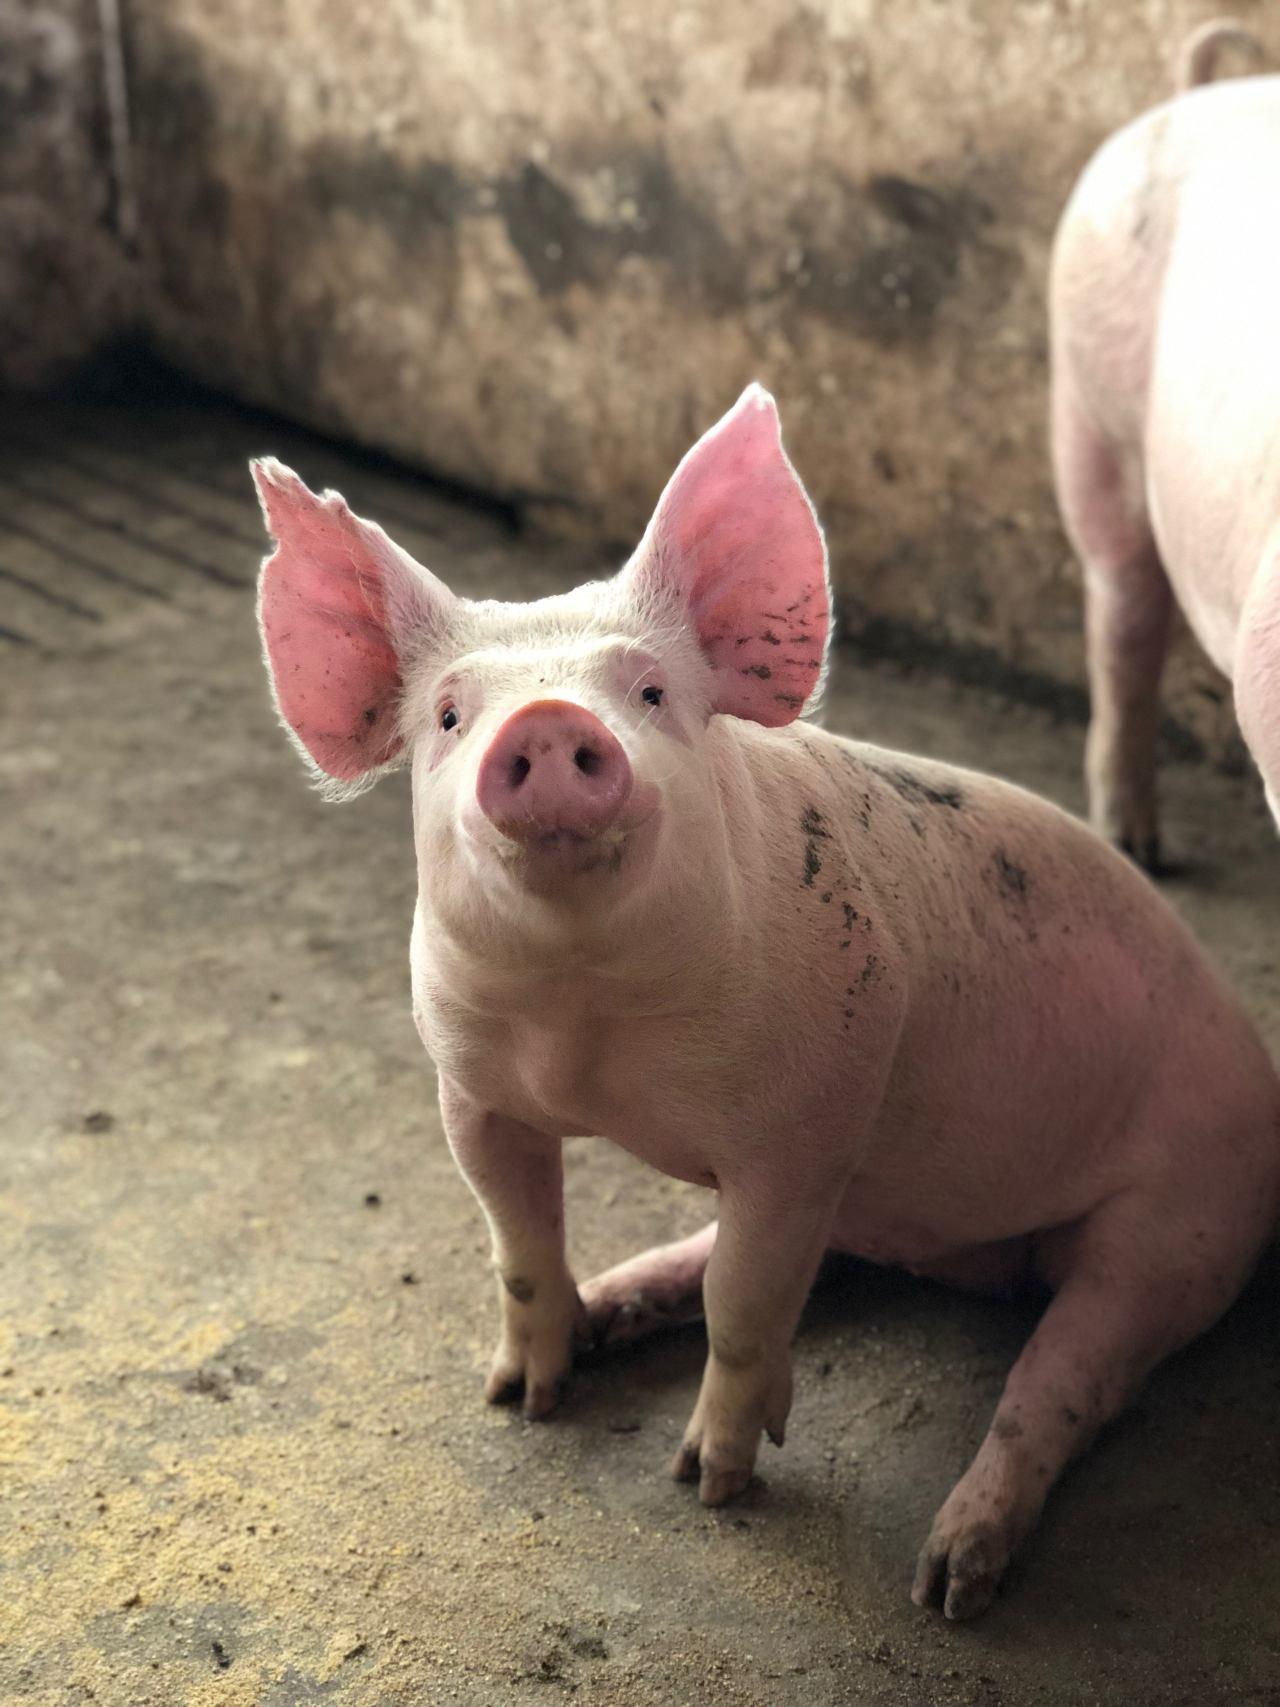 Cerdos yorkshire pueden jugar videojuegos